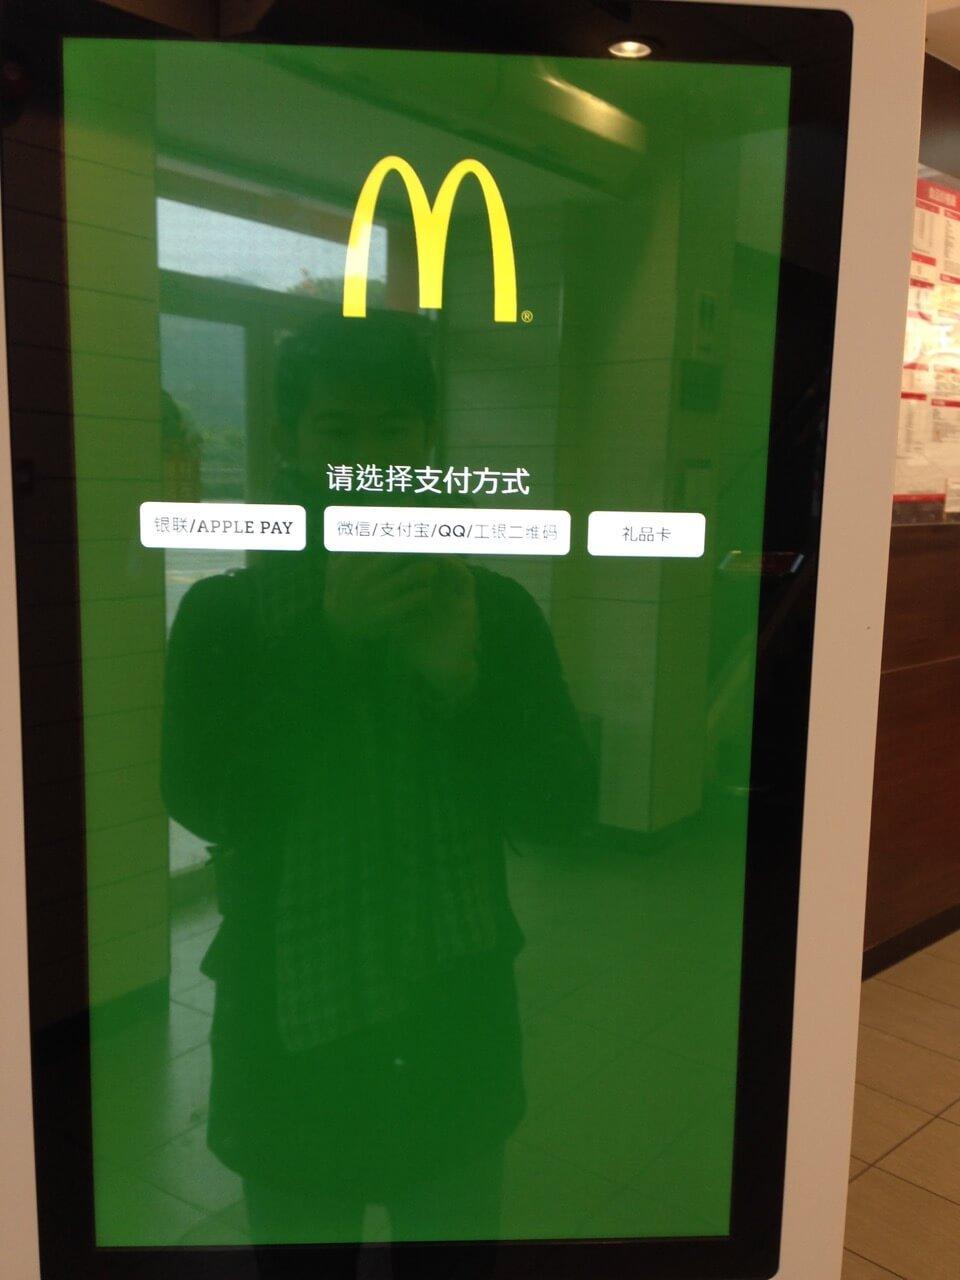 大陸麥當勞自助點餐機結合金流一條龍作業